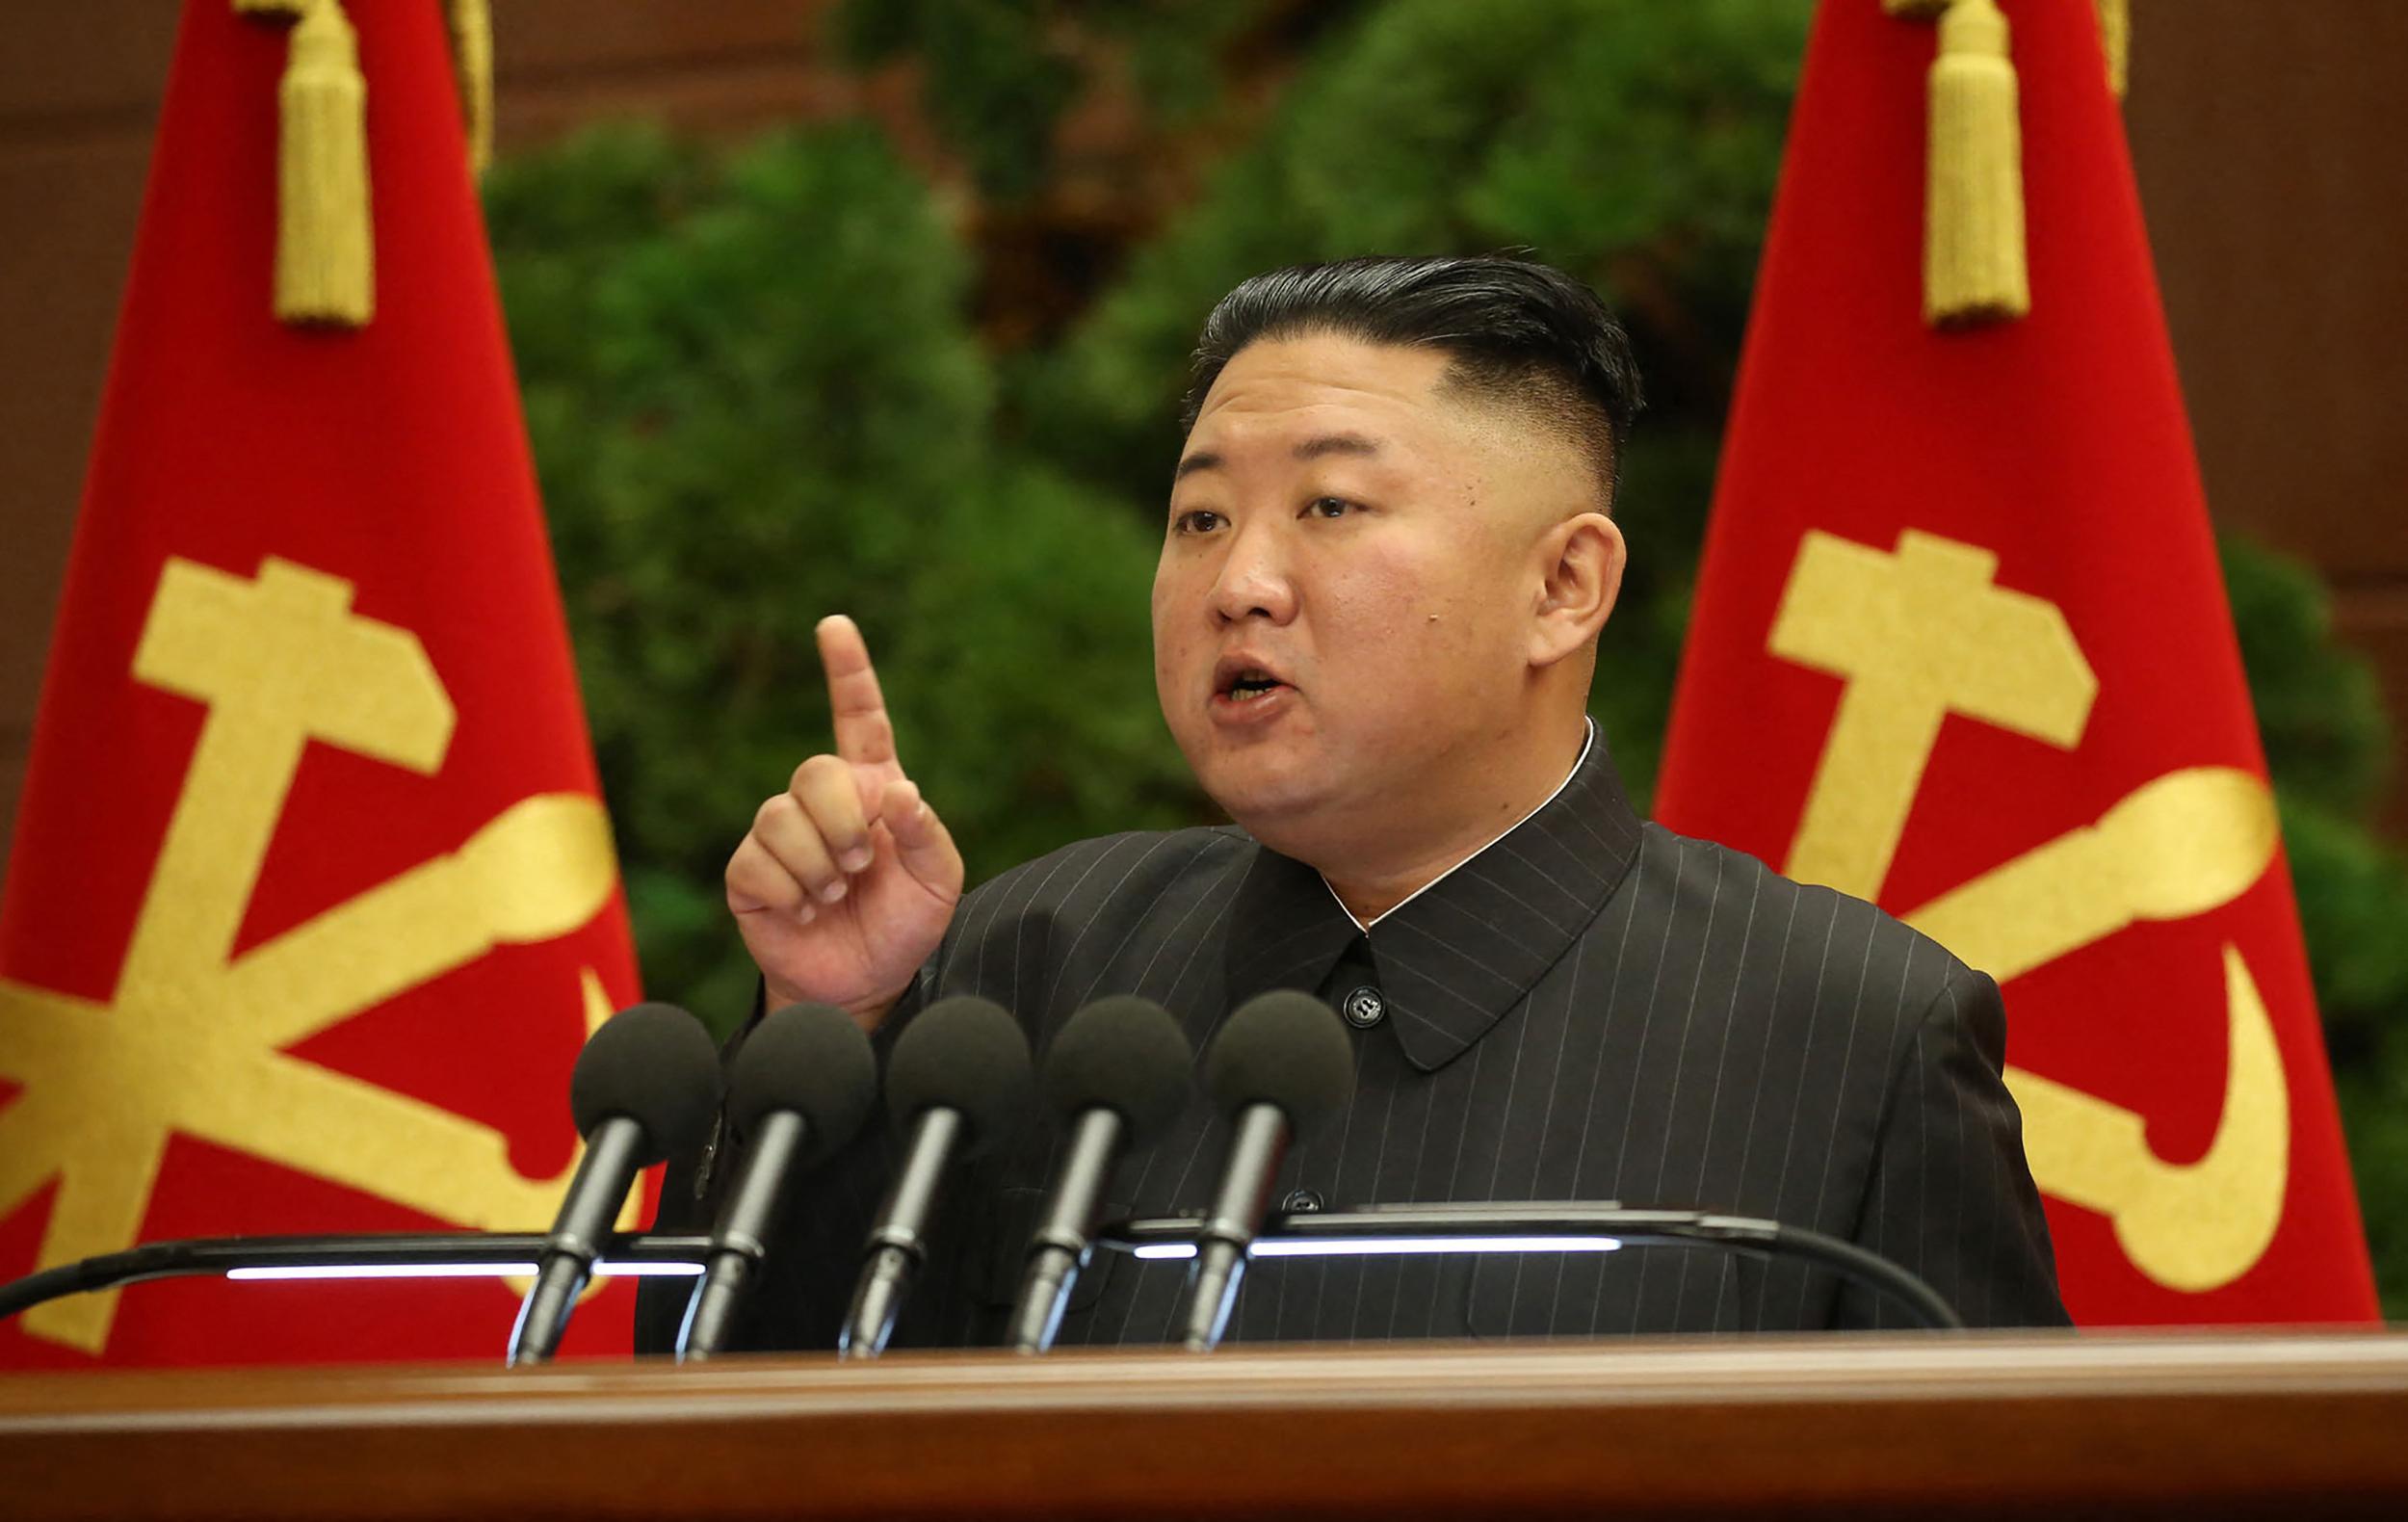 Párton belüli tisztogatással kezeli az egyre súlyosbodó járványhelyzetet Kim Dzsongun